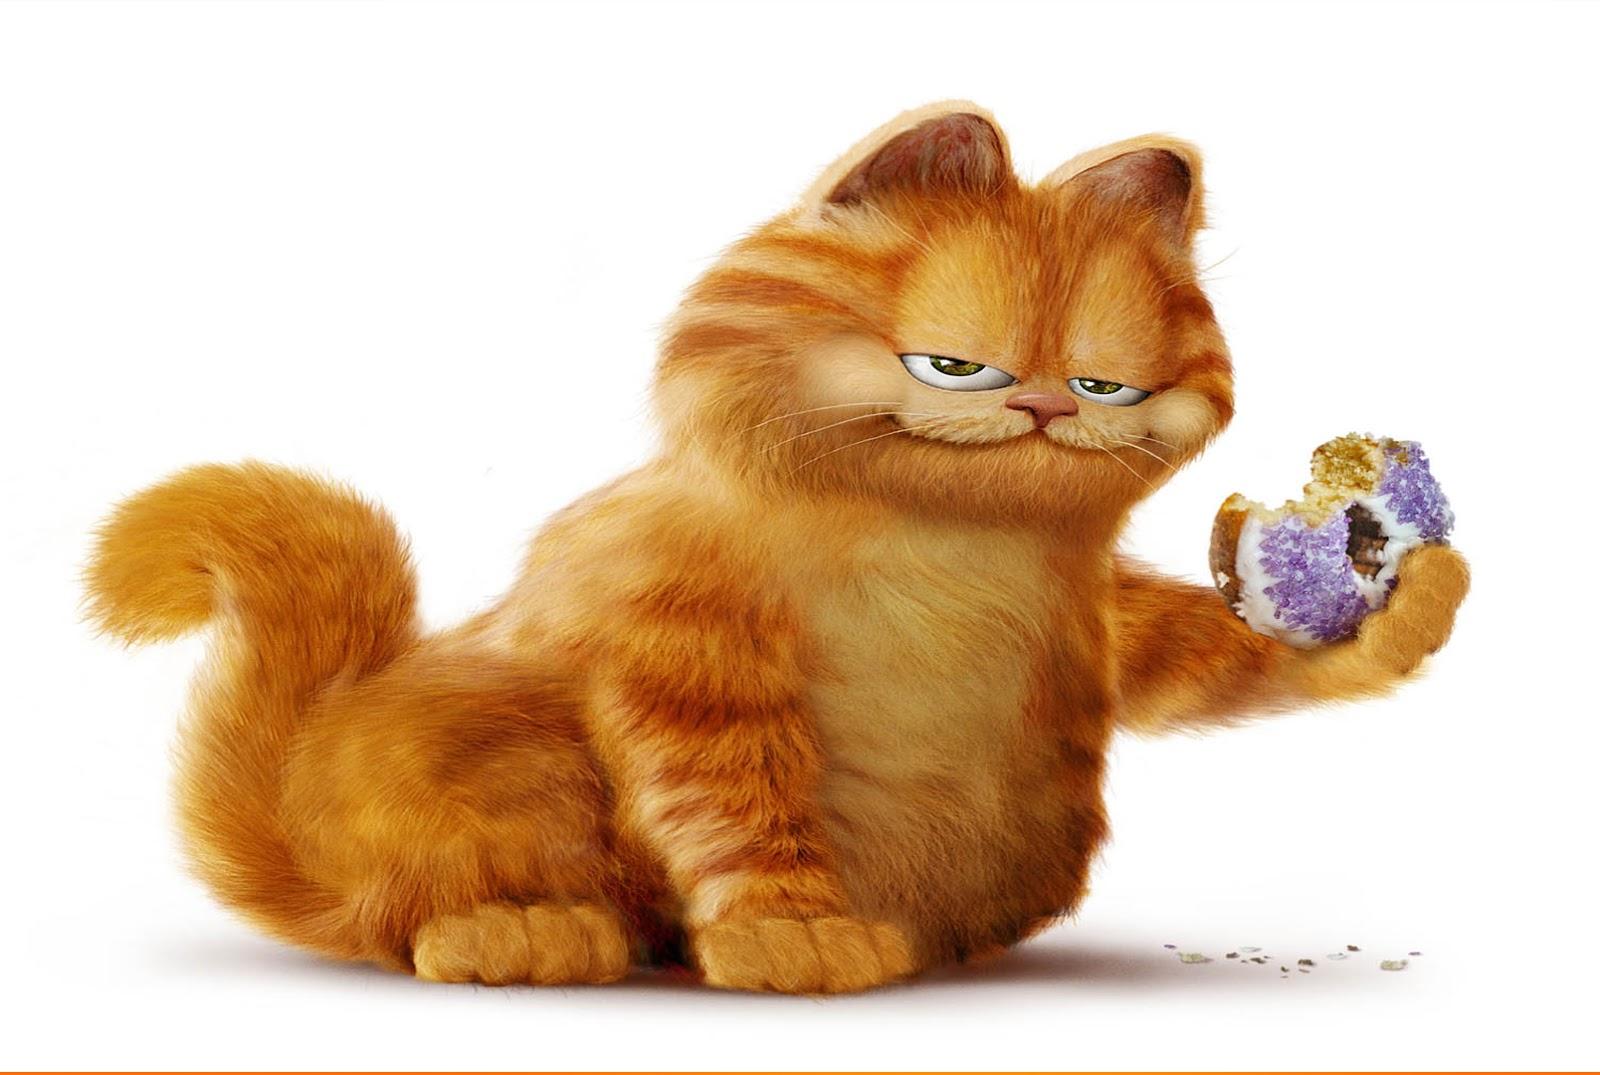 Wallpaper Lucu Gambar Kucing Garfield Terbaru 2016  Kata